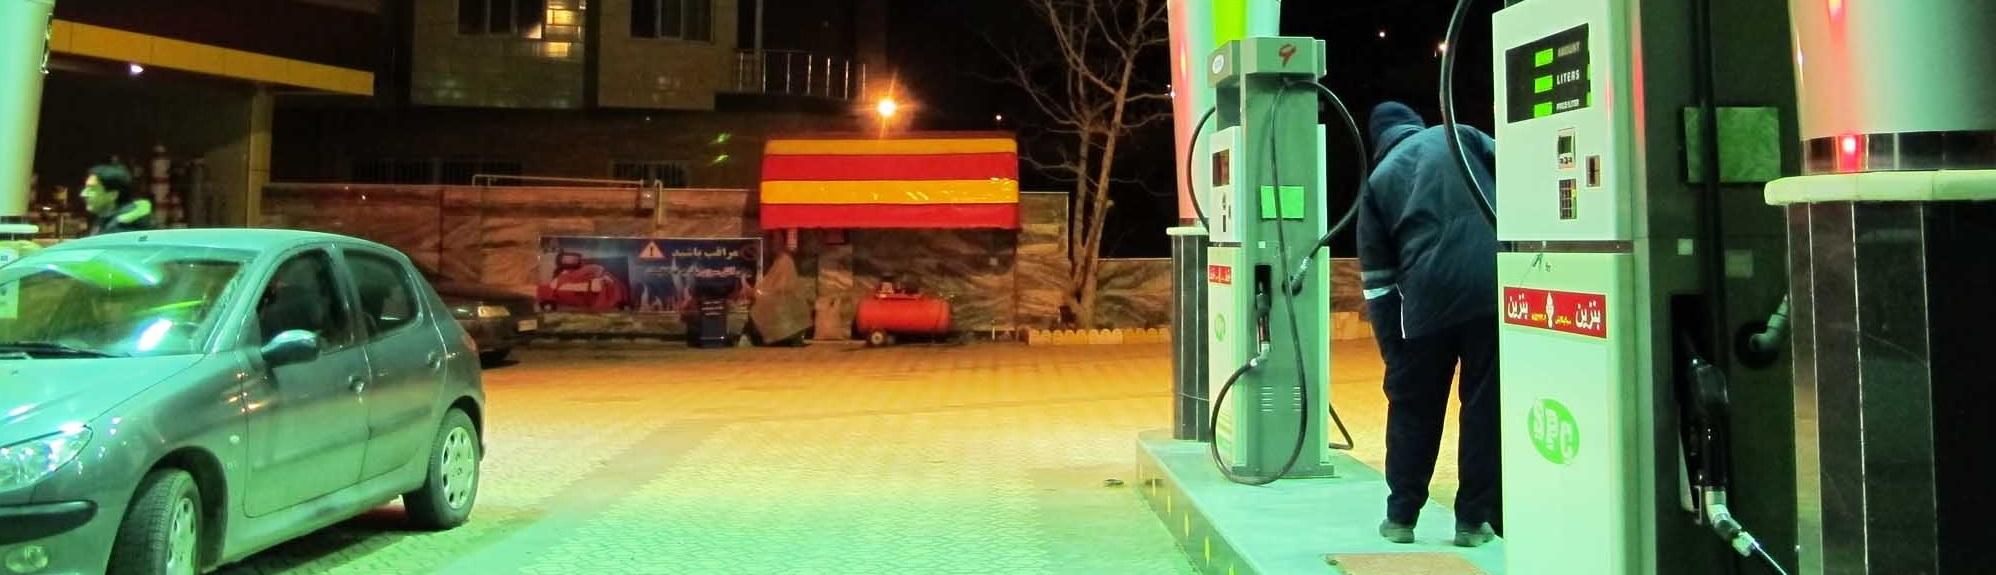 بلاتکلیفی دولت در شیوه اصلاح قیمت بنزین در گام دوم هدفمندی